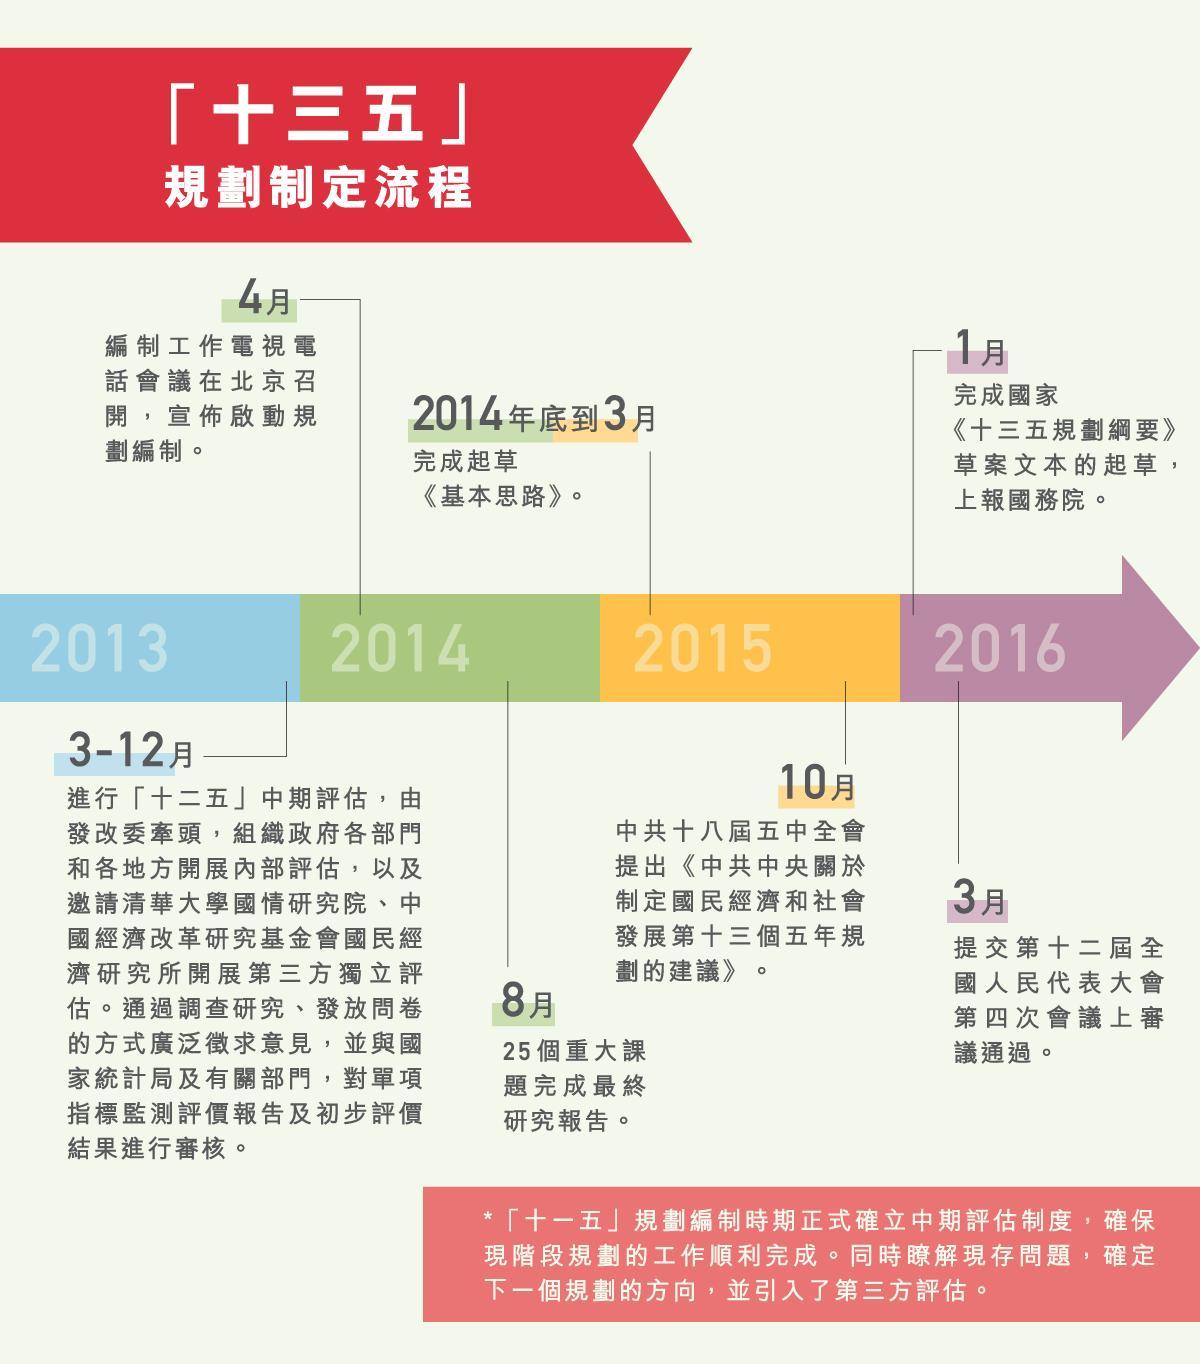 ls_diagram_tujieguoqing_v4-01